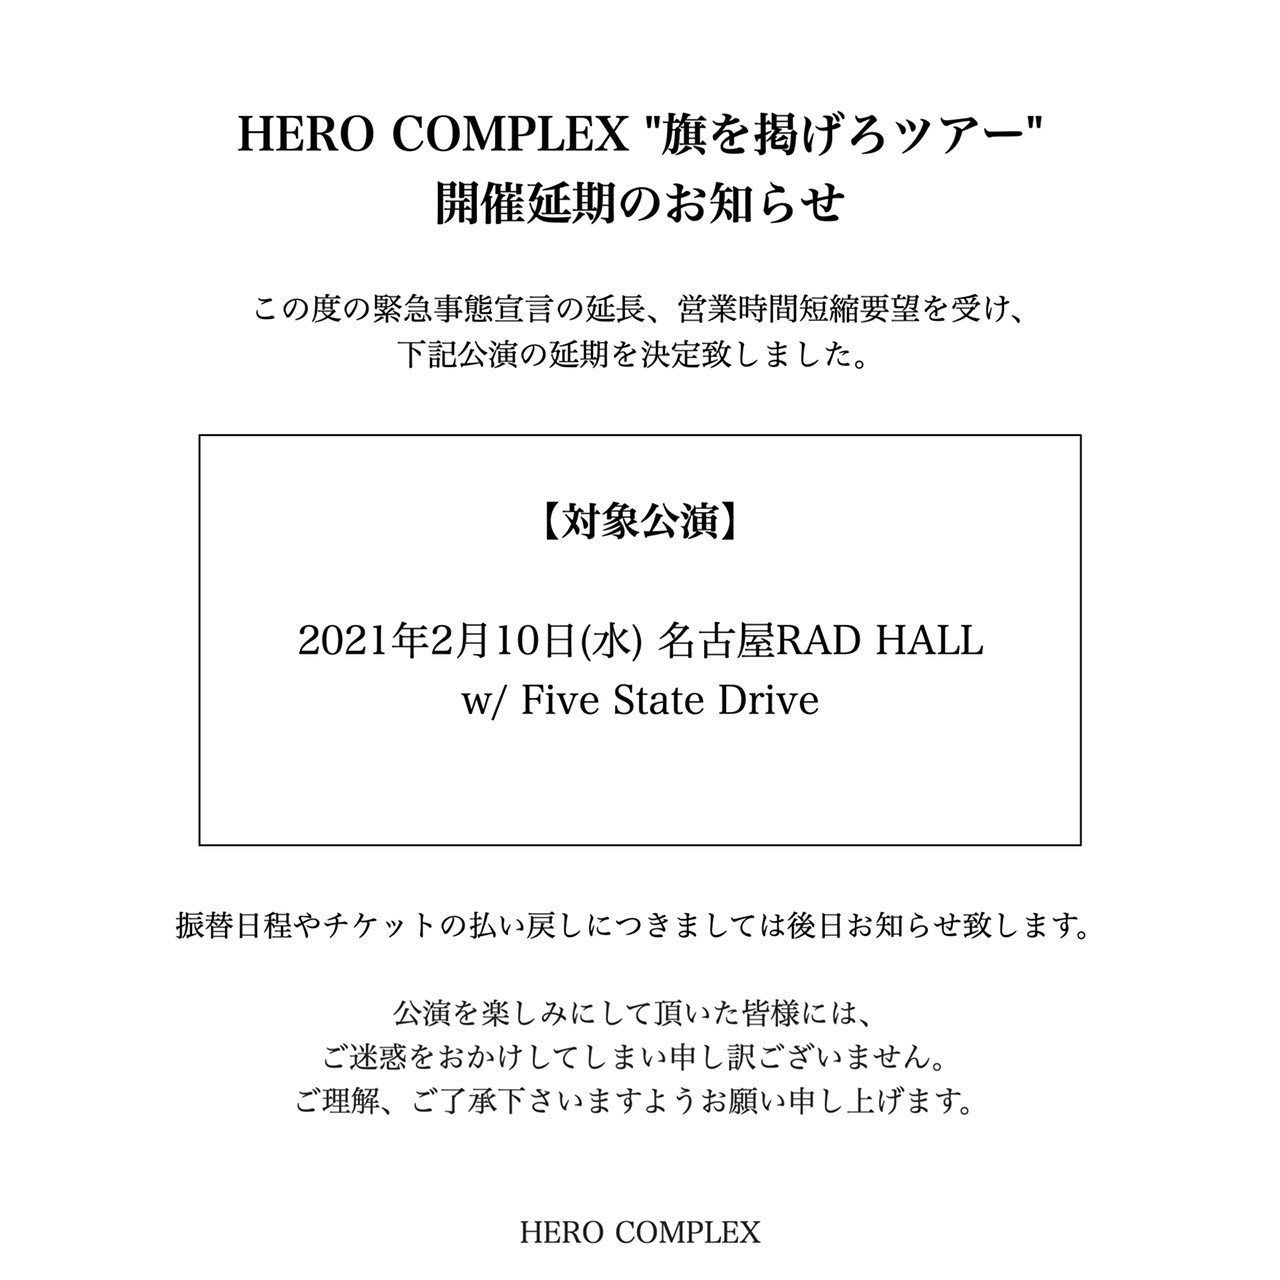 """【開催延期】HERO COMPLEX """"旗を掲げろツアー"""""""